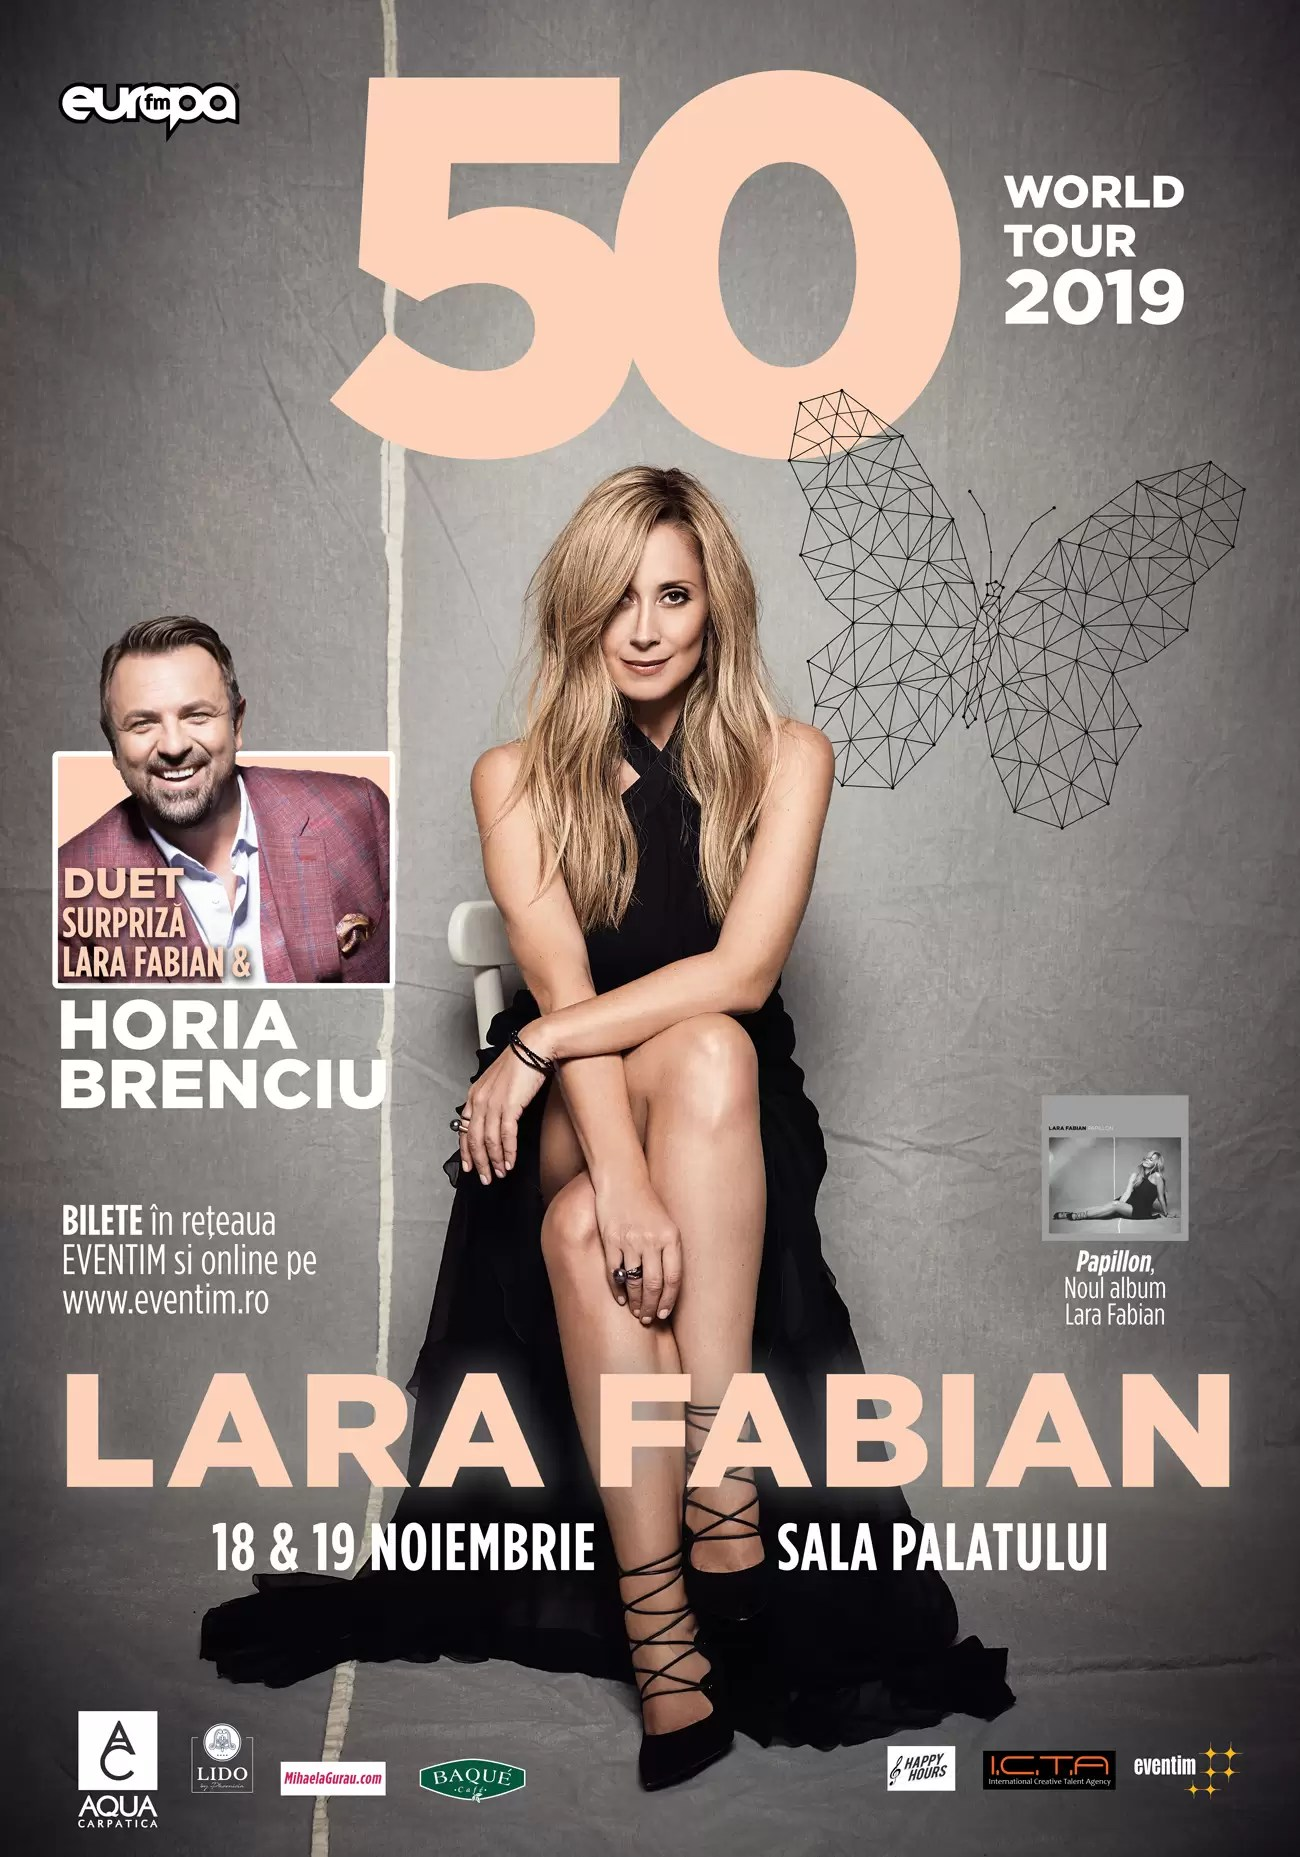 Lara Fabian afis